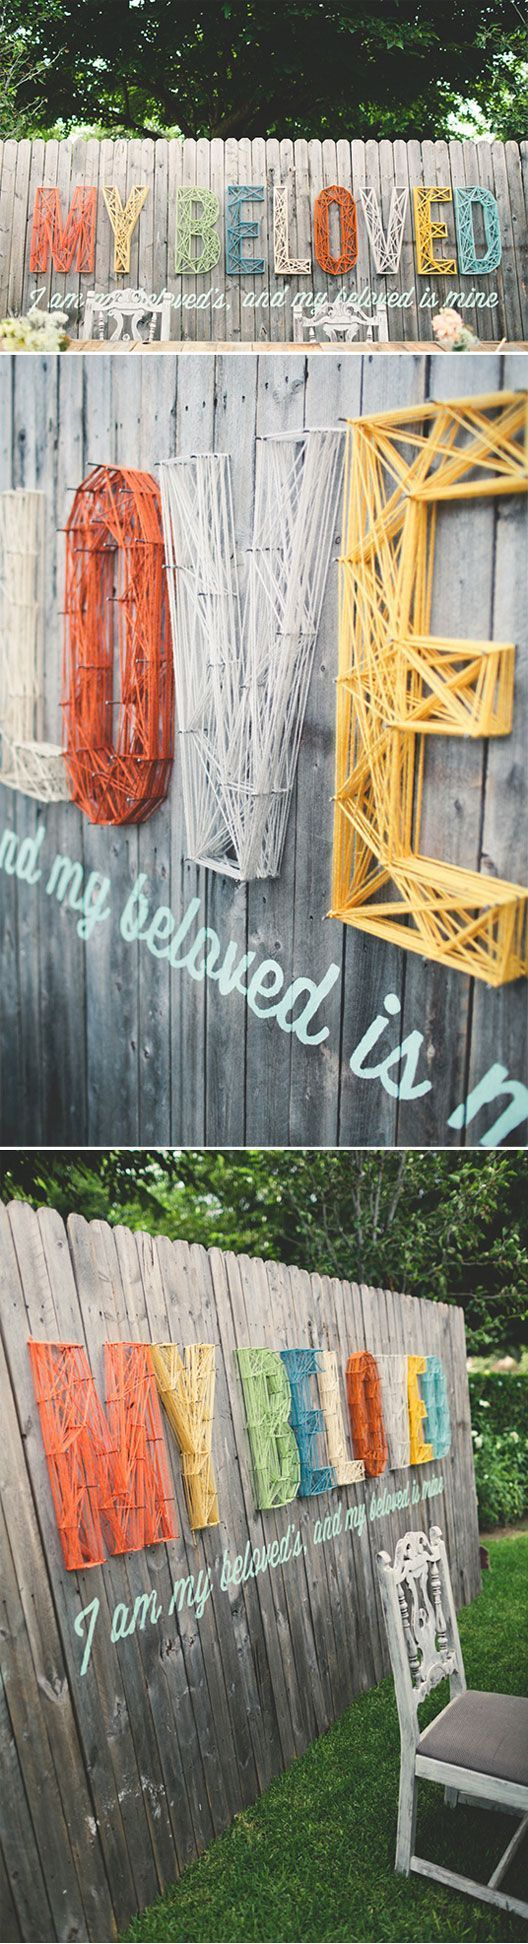 incredible diy garden fence wall art ideas gardens wedding and